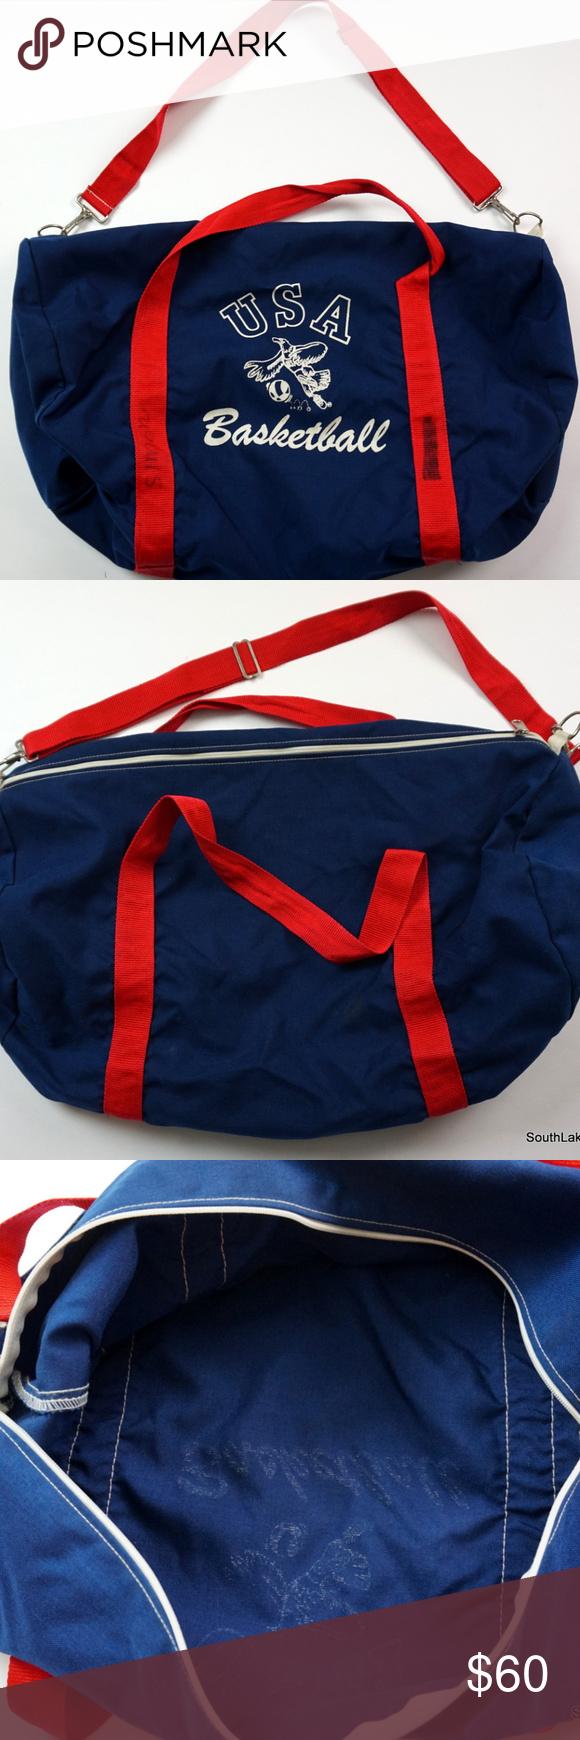 62ab7e2b6ada Vintage USA Basketball Gym Bag Duffle Bag Navy Red Vintage USA Basketball  Gym Bag Duffle Bag